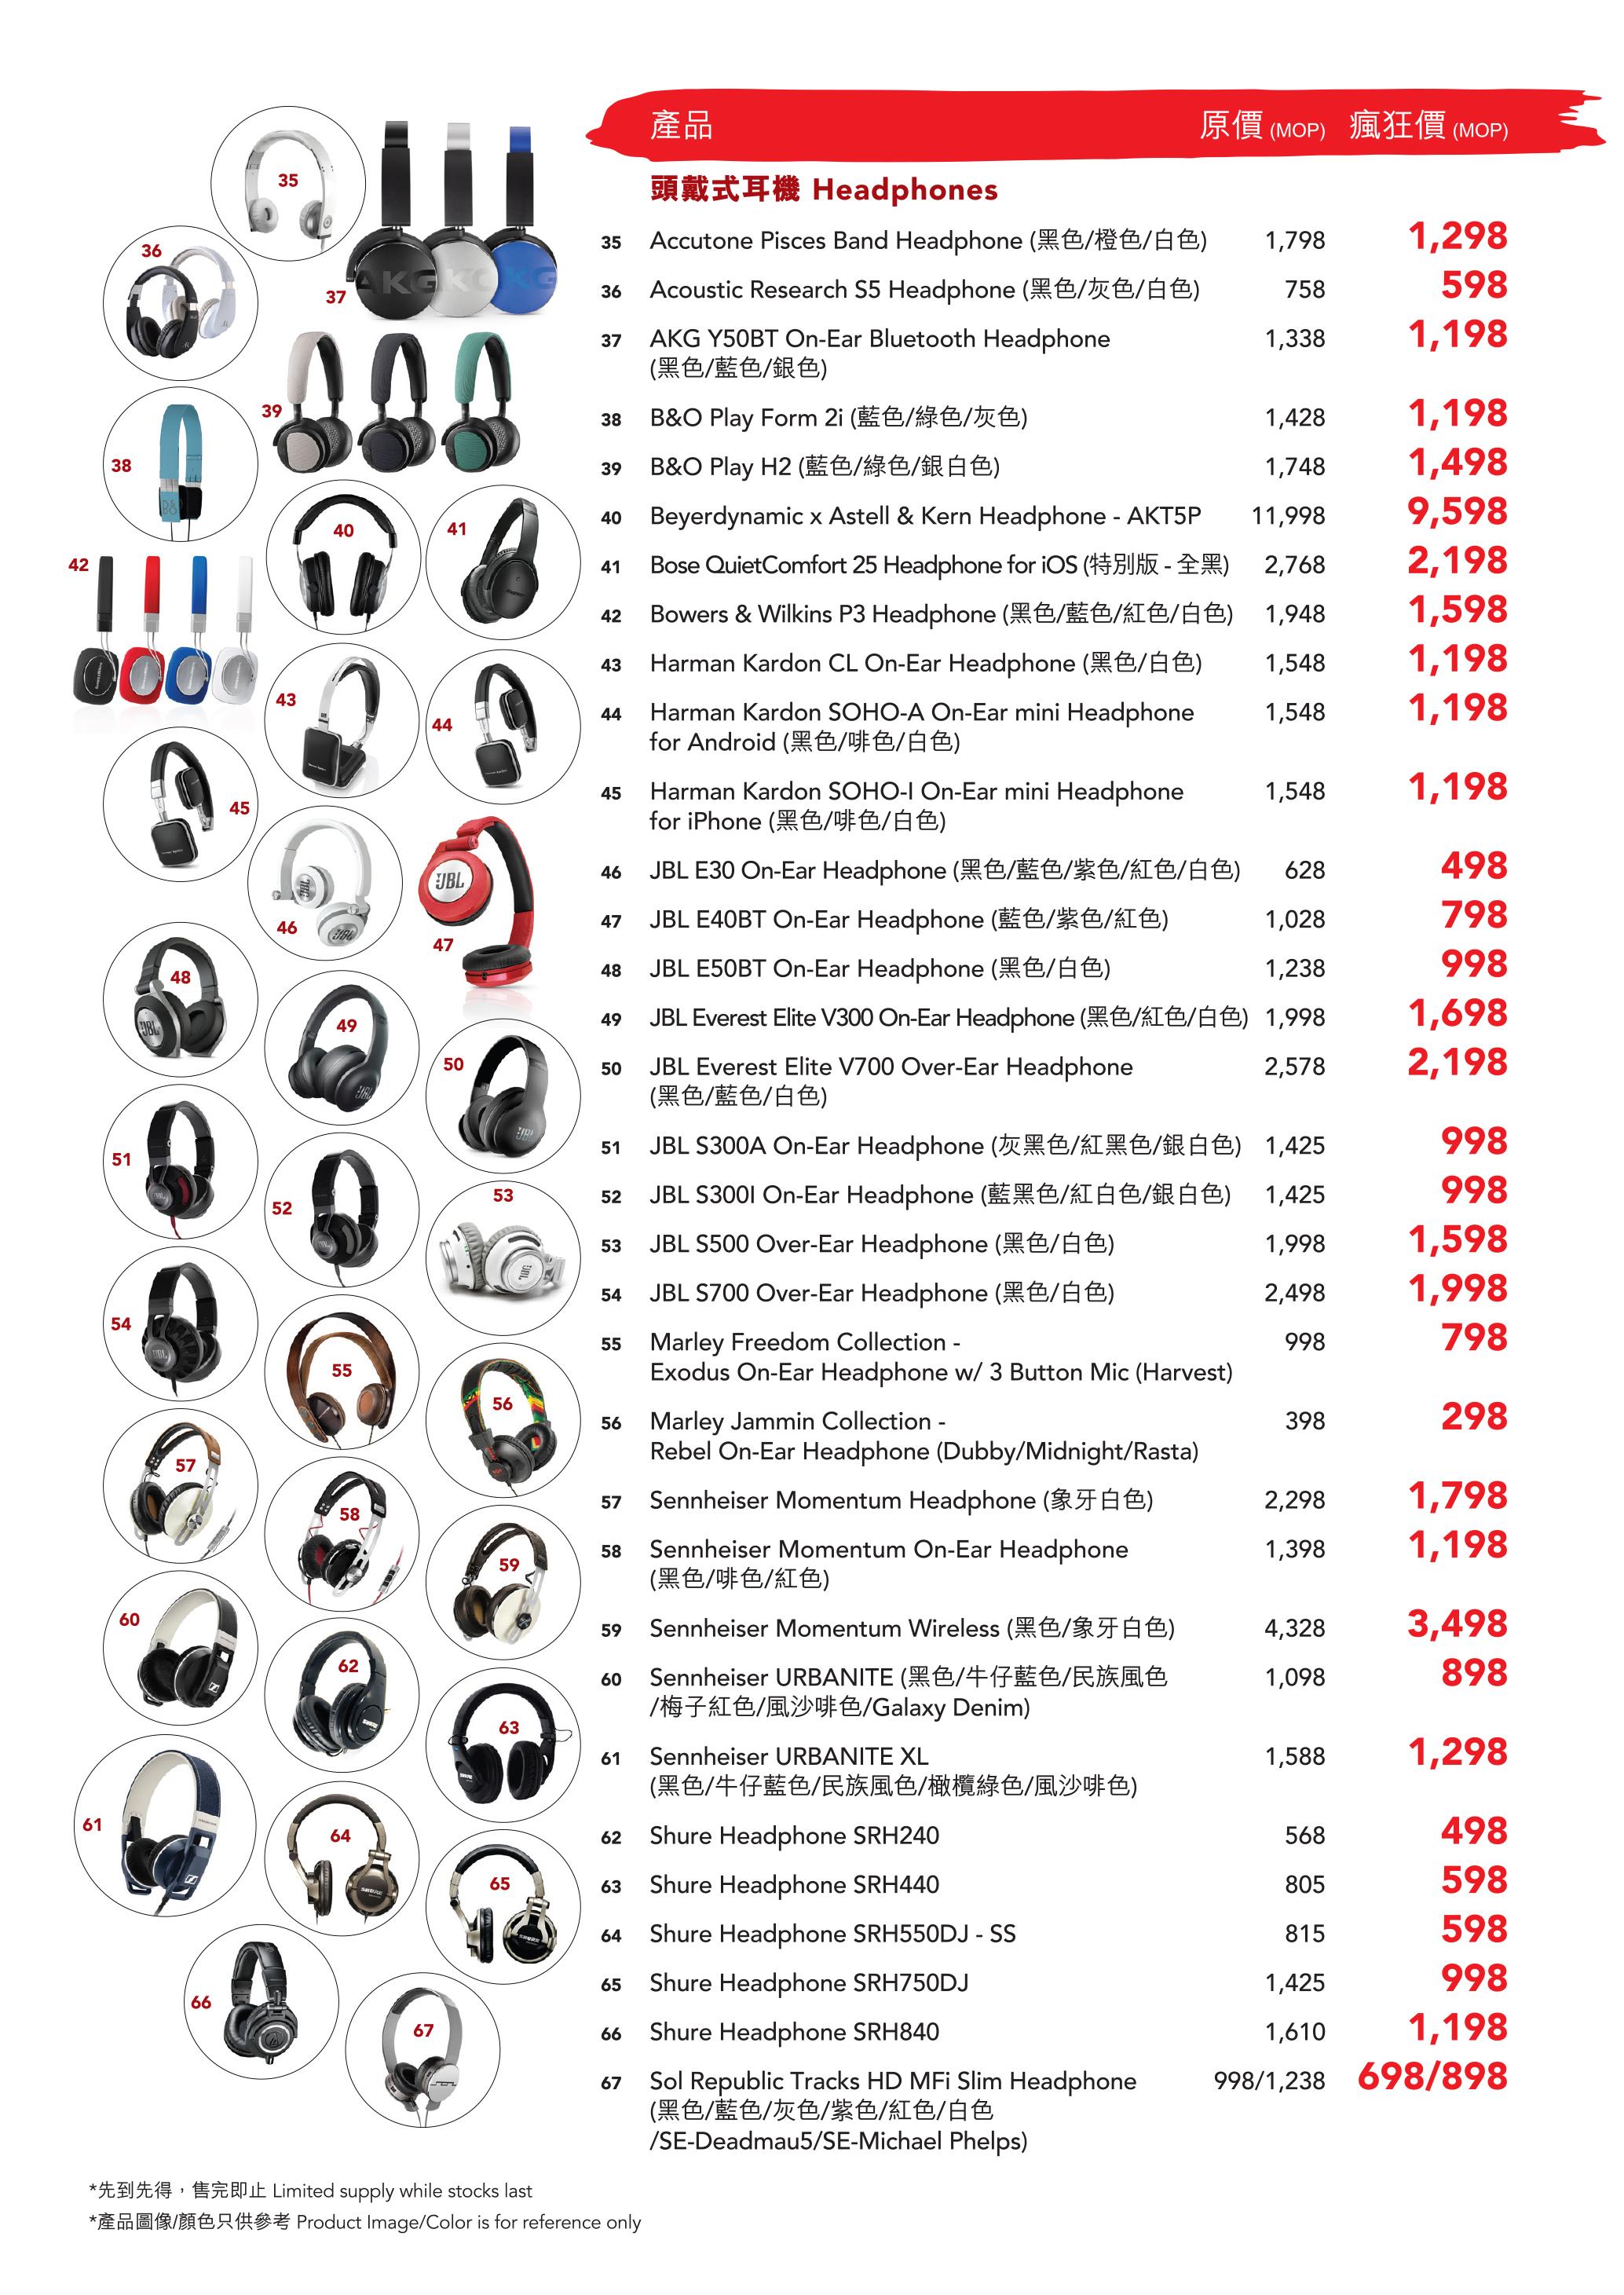 Red_Days_2017_Summer_A4-Leaflet_L_03.jpg